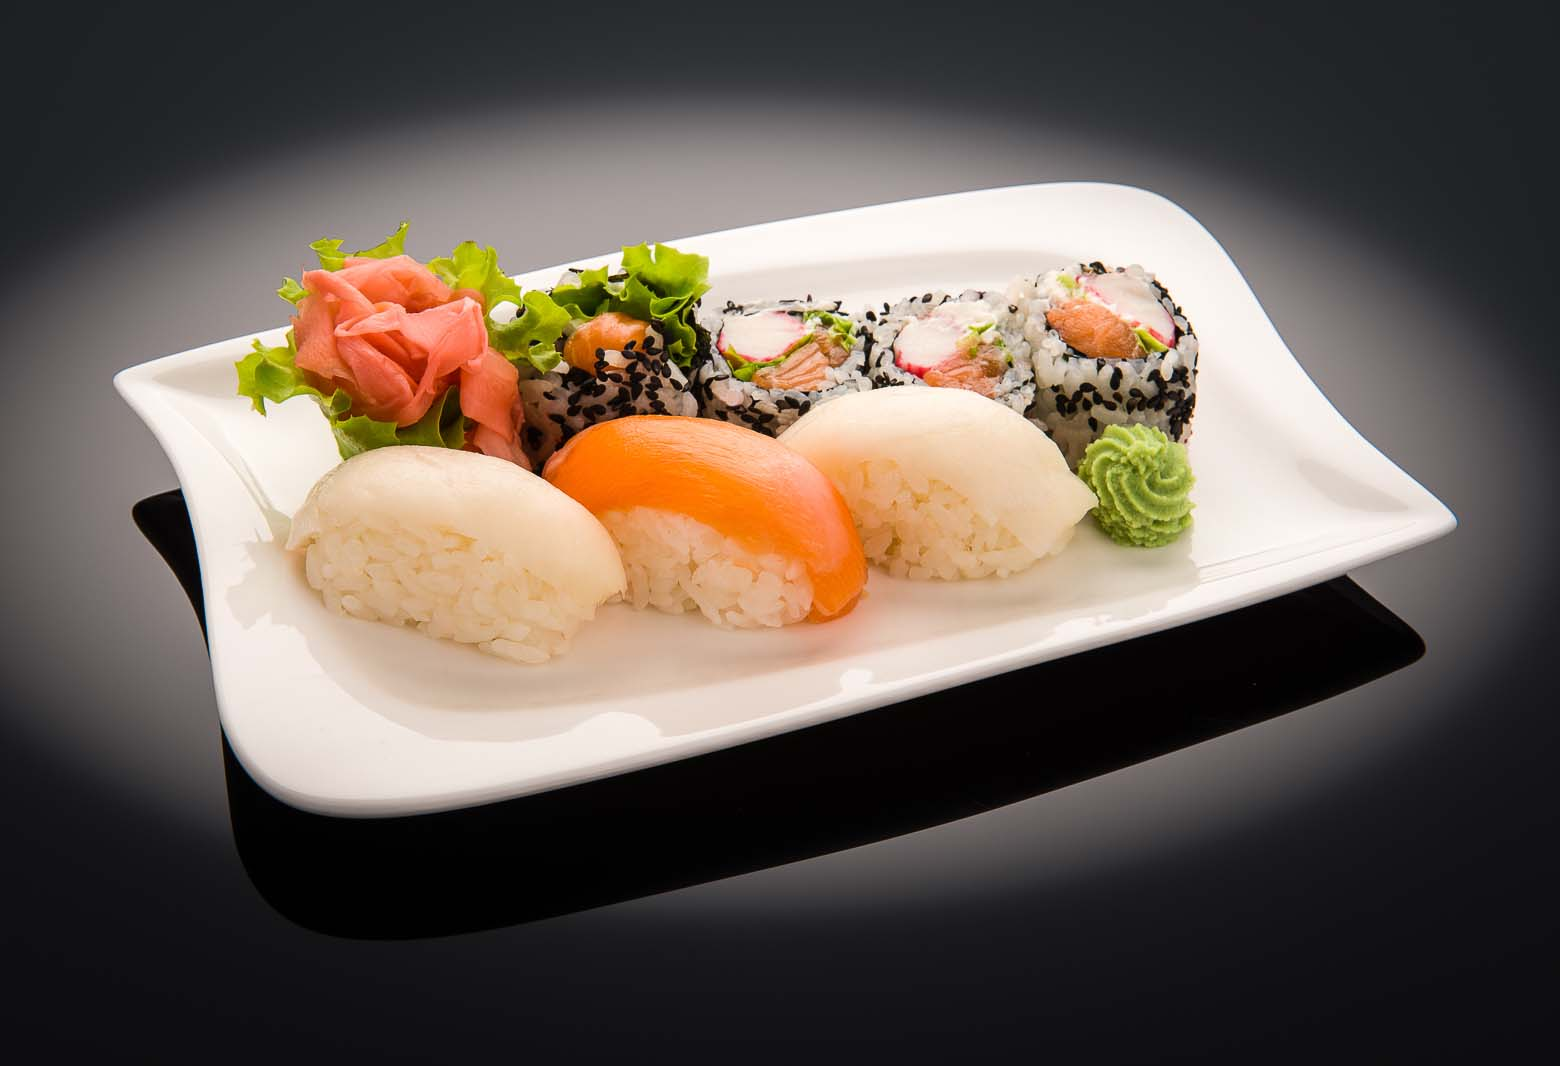 kulinarne-vision3dstudio-02